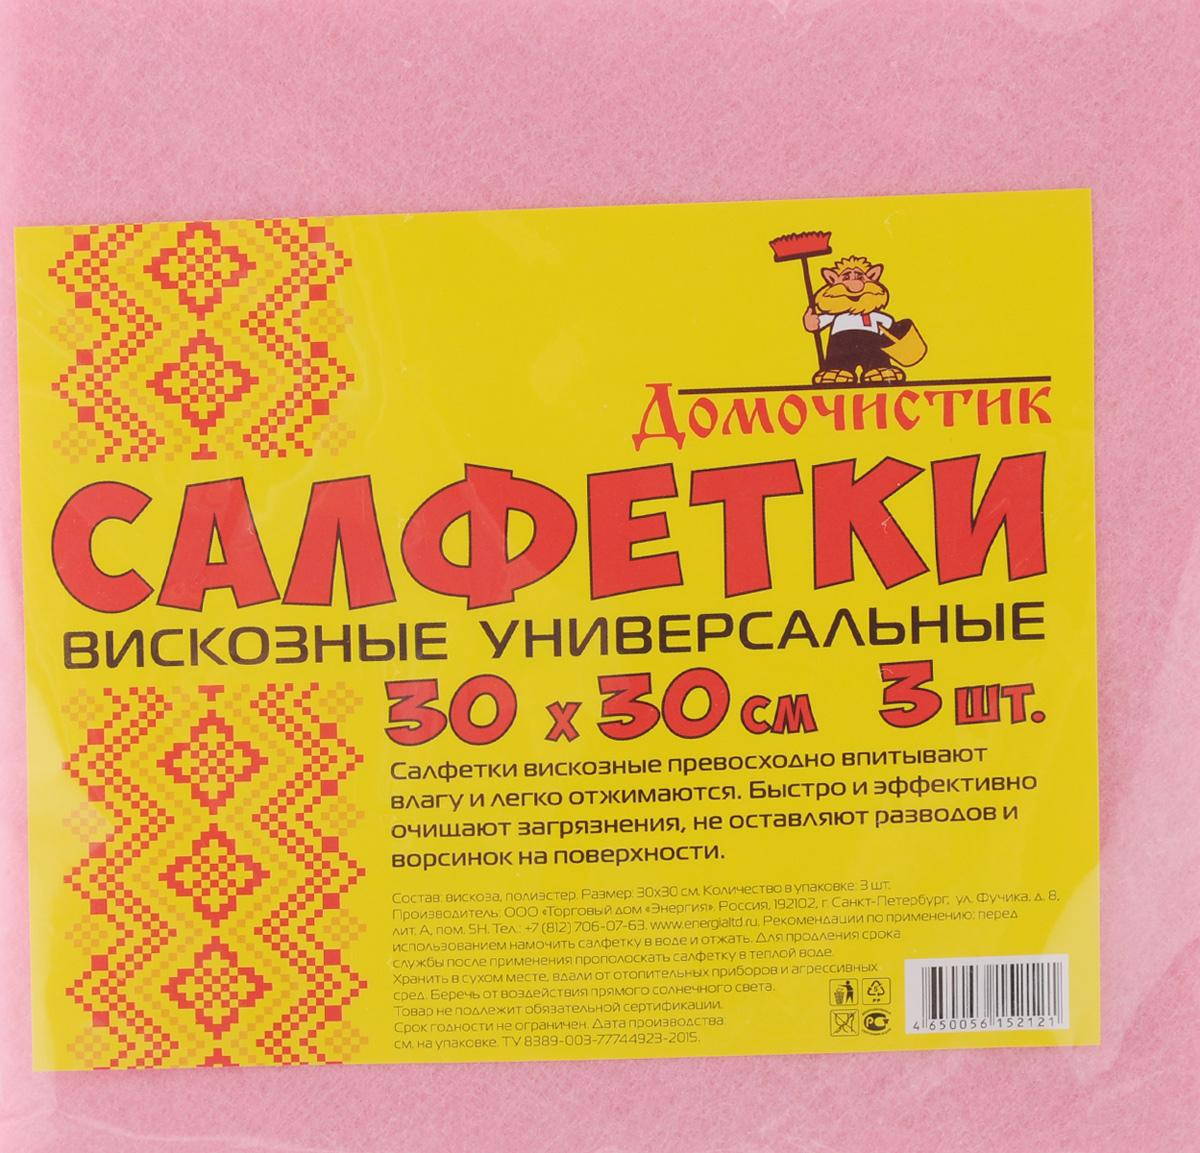 Салфетка для уборки Домочистик, универсальная, цвет: розовый, 30 x 30 см, 3 штS03301004Универсальные салфетки для уборки Домочистик, выполненные из вискозы и полиэстера, превосходно впитывают влагу и легко отжимаются. Они быстро и эффективно очищают загрязнения, не оставляя разводов. Размер салфетки: 30 x 30 см.